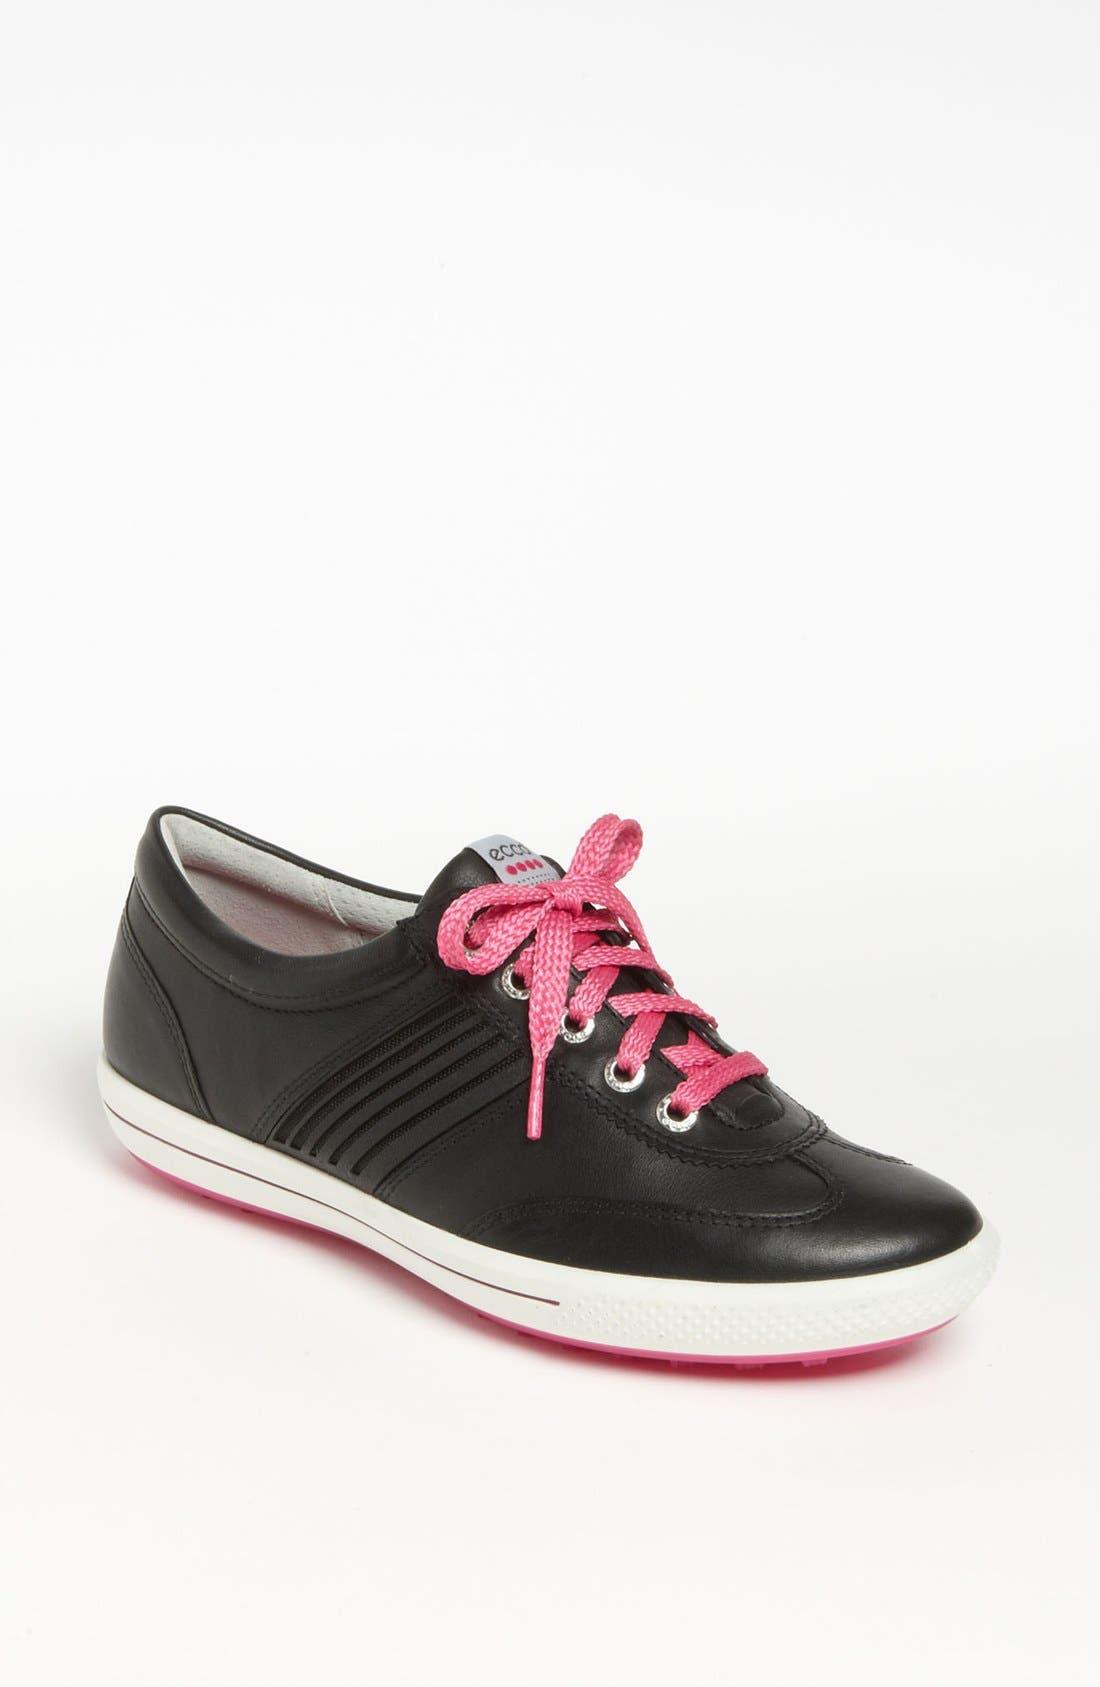 Main Image - ECCO 'Golf Street' Sport Sneaker (Women)